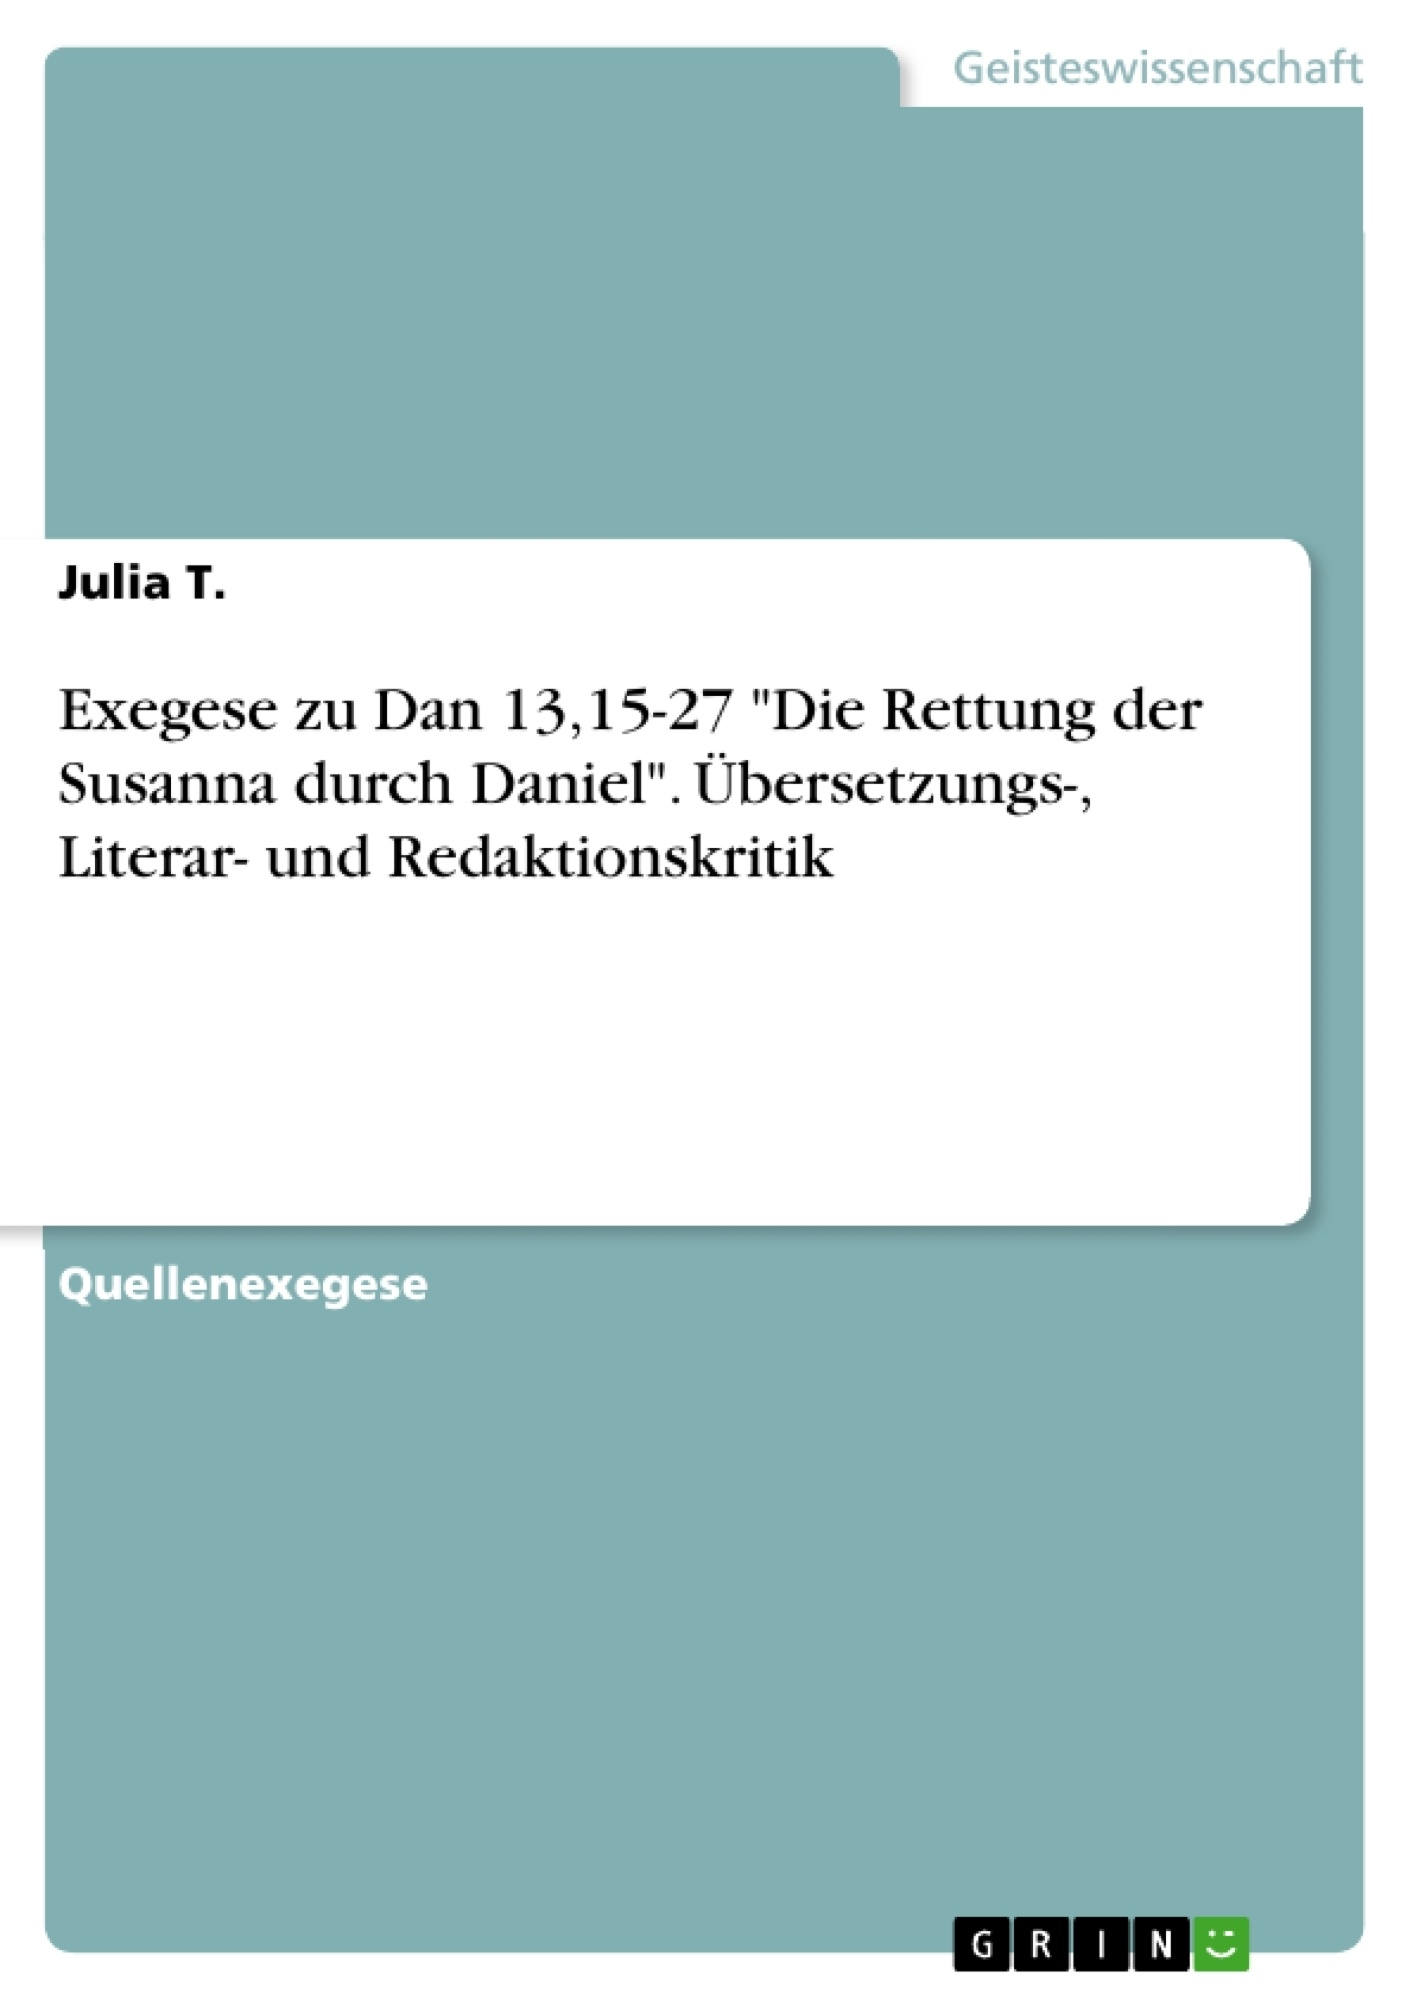 """Titel: Exegese zu Dan 13,15-27 """"Die Rettung der Susanna durch Daniel"""". Übersetzungs-, Literar- und Redaktionskritik"""